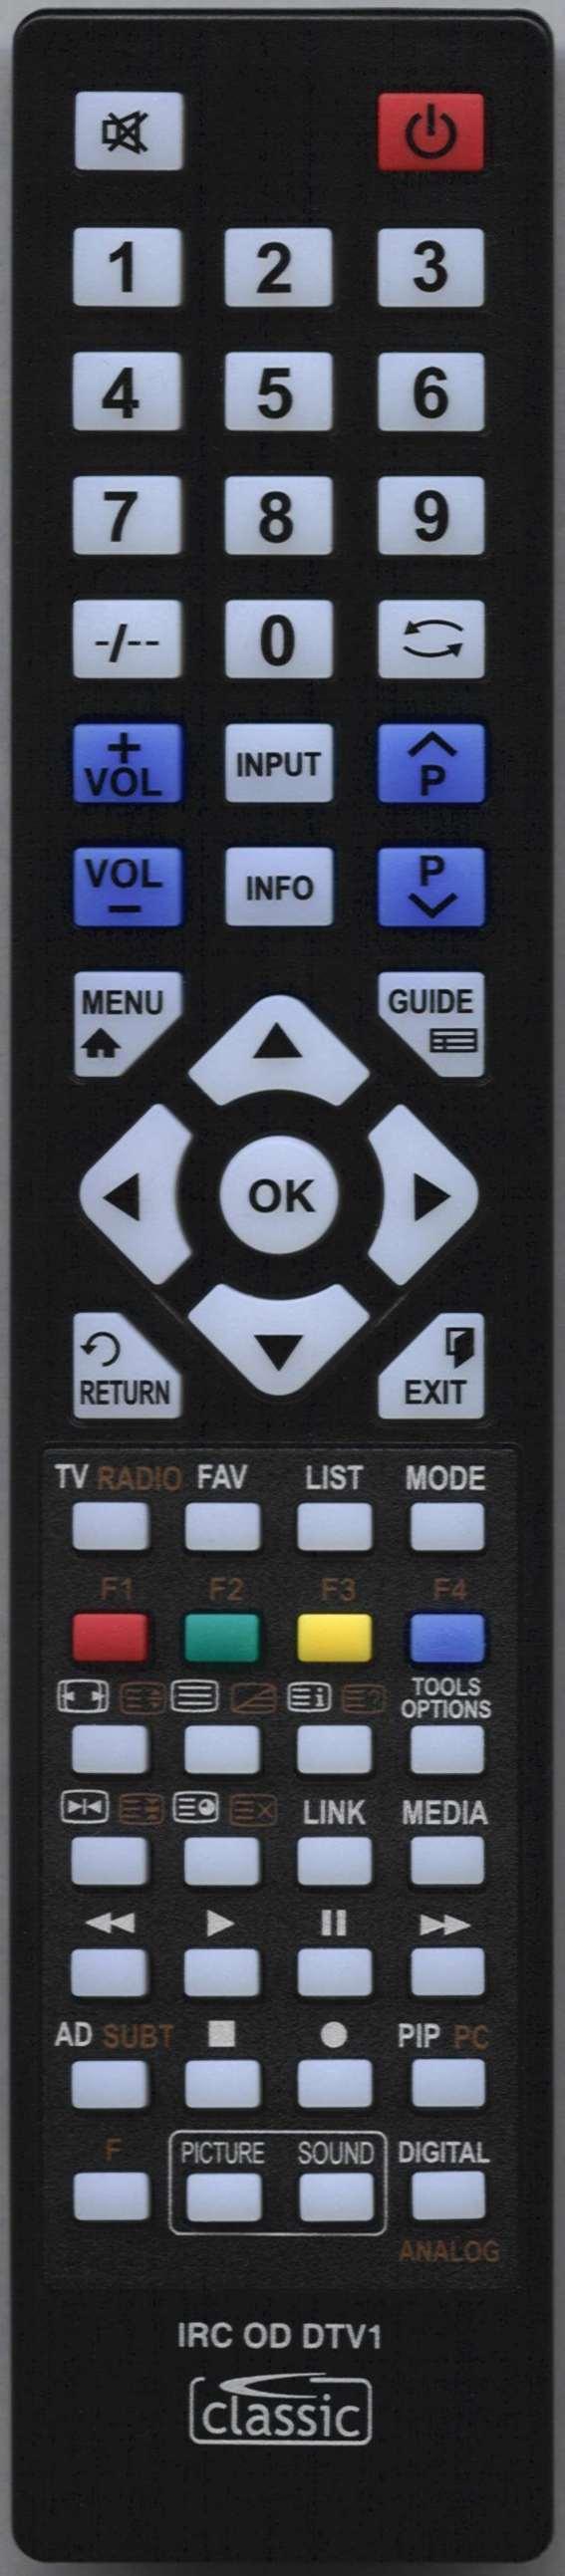 VIDEOCON V1922LED Remote Control